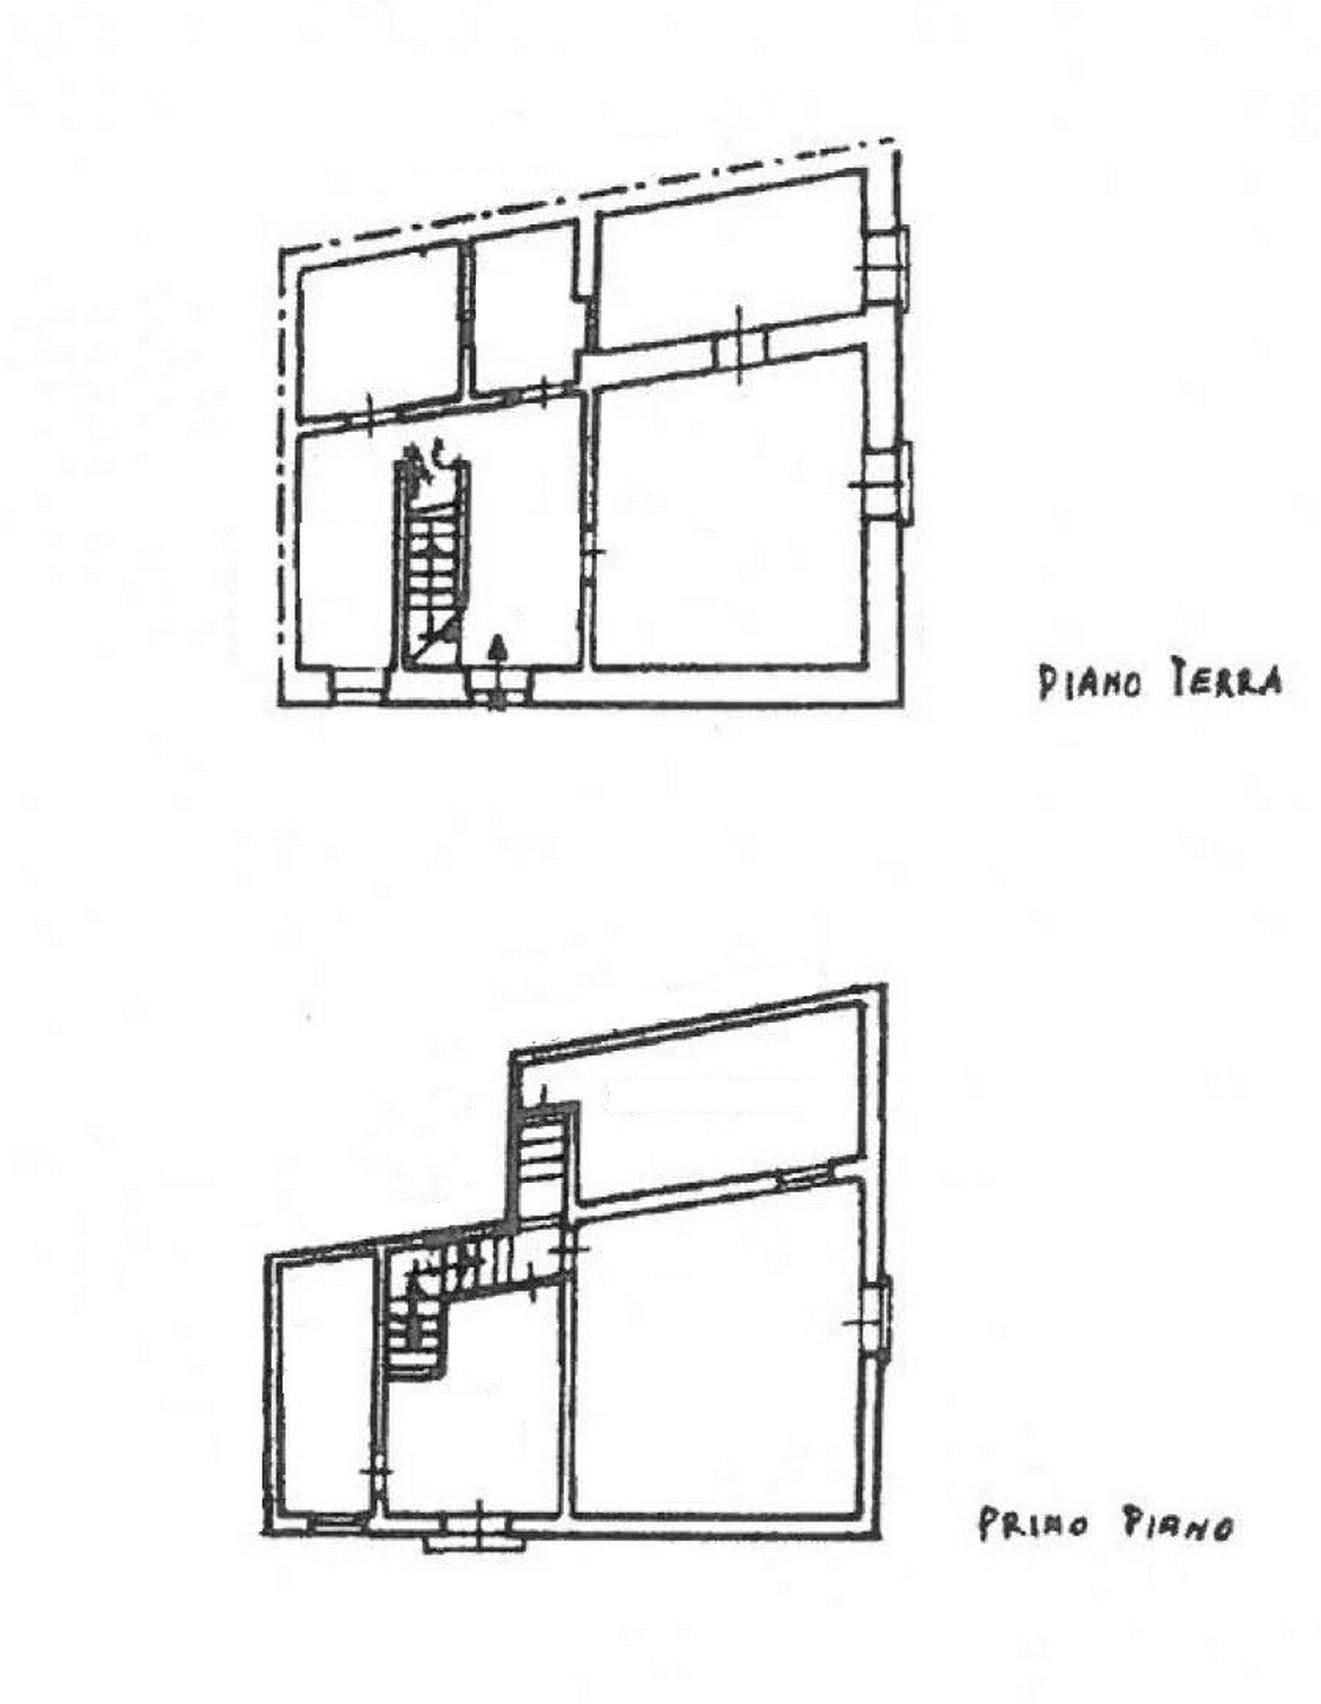 Casa indipendente con terrazzo coperto 16